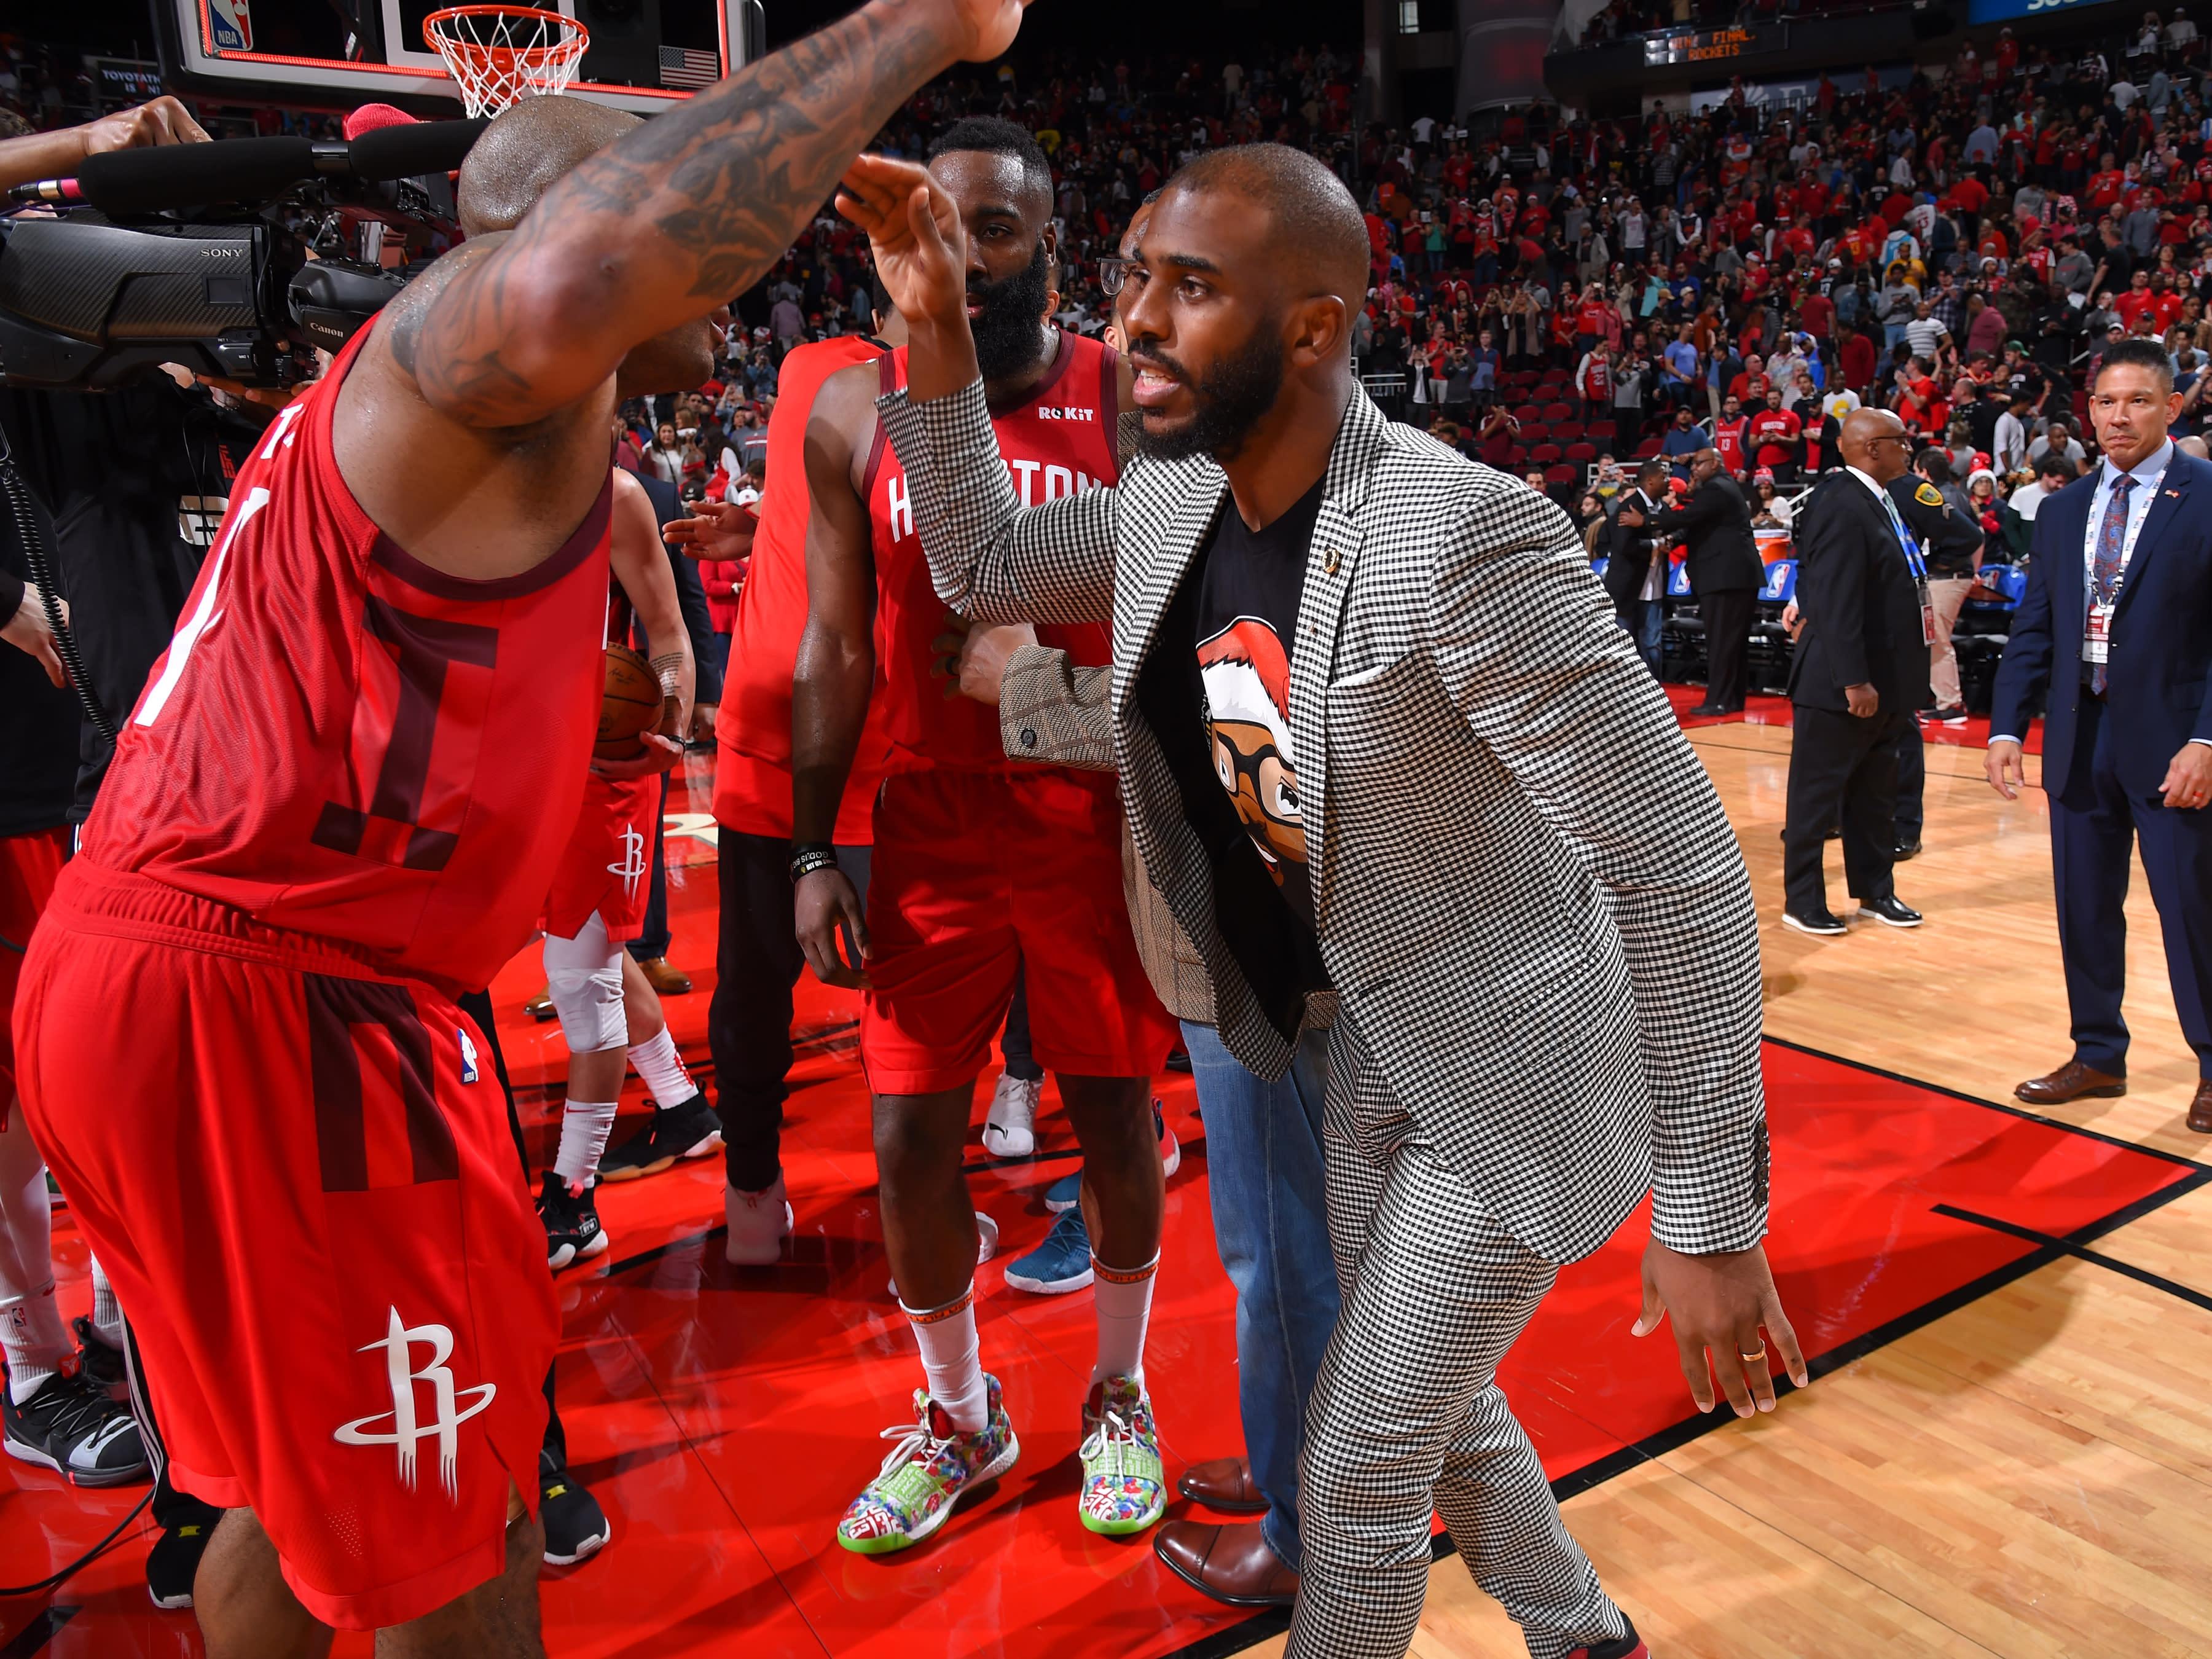 2017a579ee56 Rockets guard Chris Paul earned a technical foul Thursday